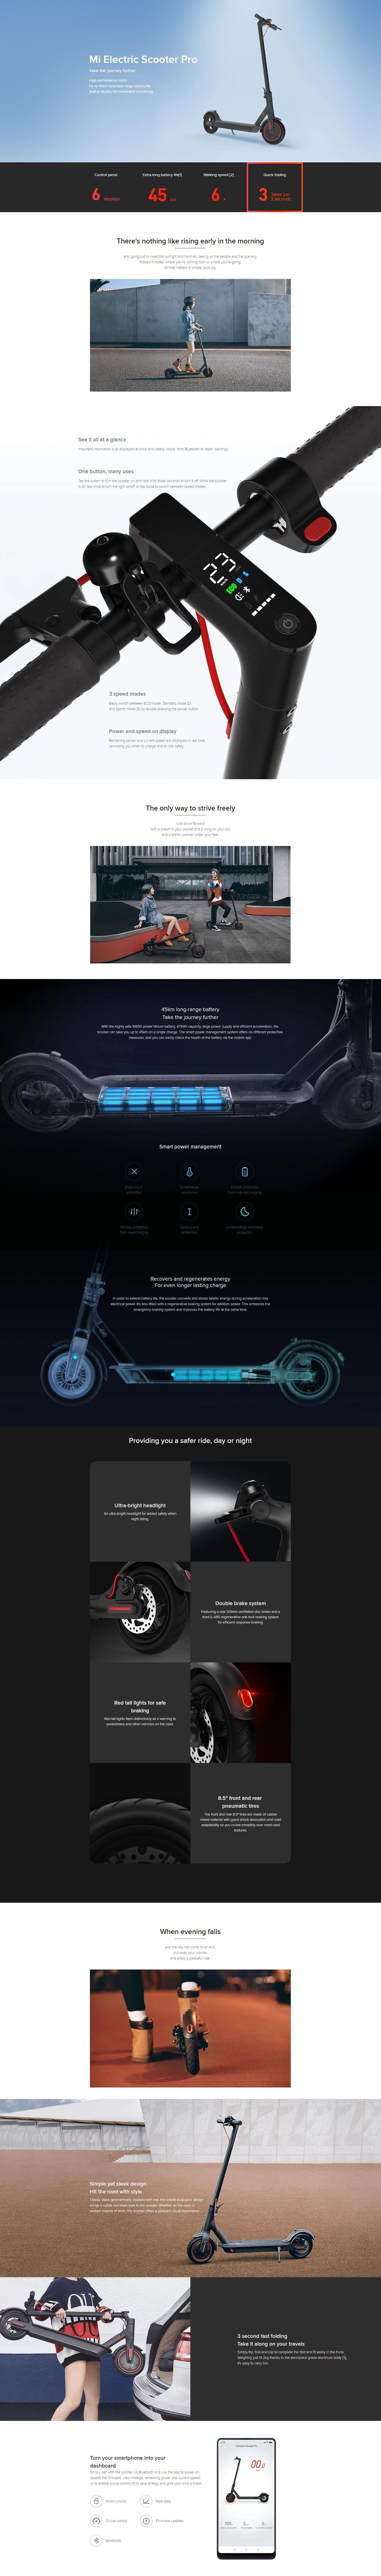 Prezentare-Xiaomi-Mi-M365-Proc623e05ed3a23461.jpg